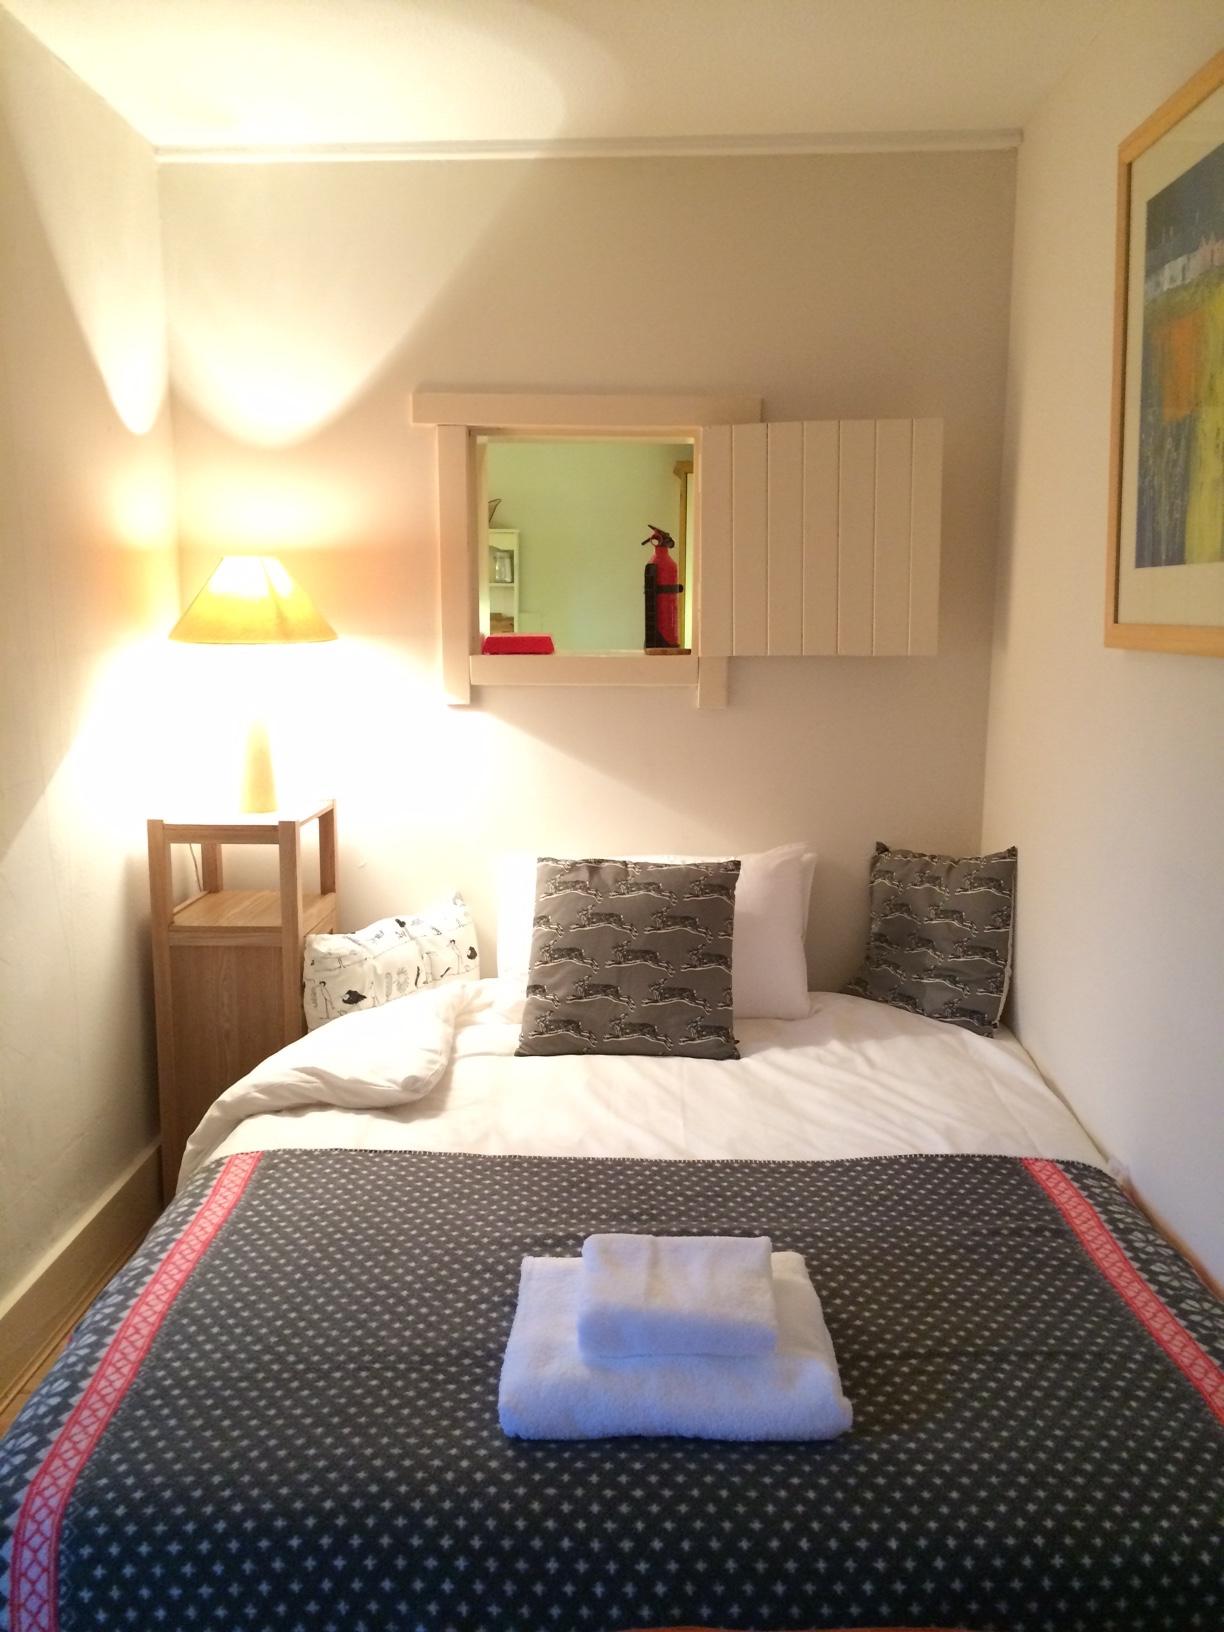 Sofa bed in a cosy nook